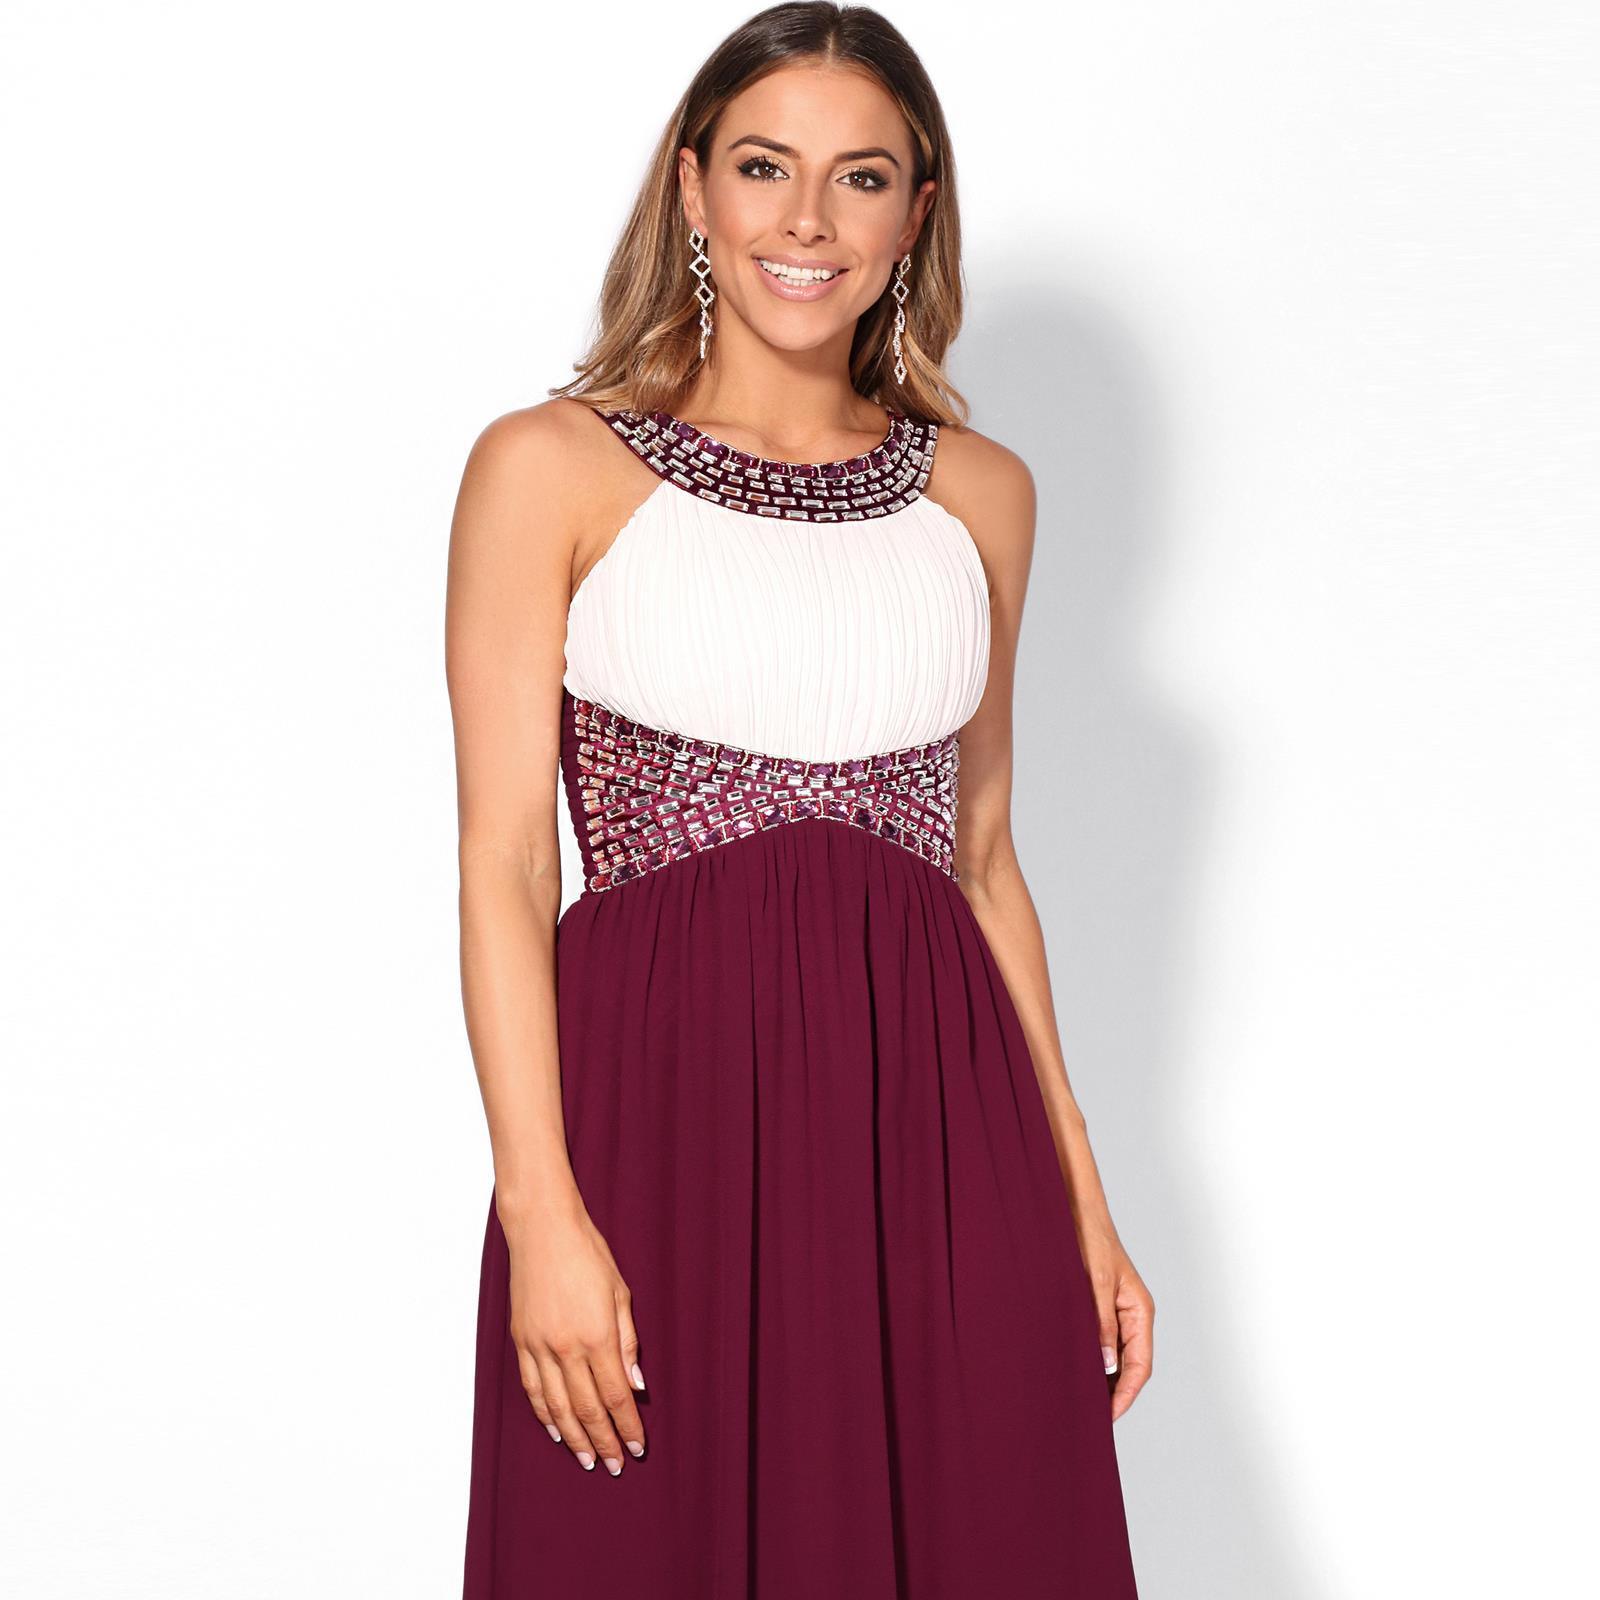 10 Genial Abendkleid Damen Spezialgebiet15 Genial Abendkleid Damen Bester Preis